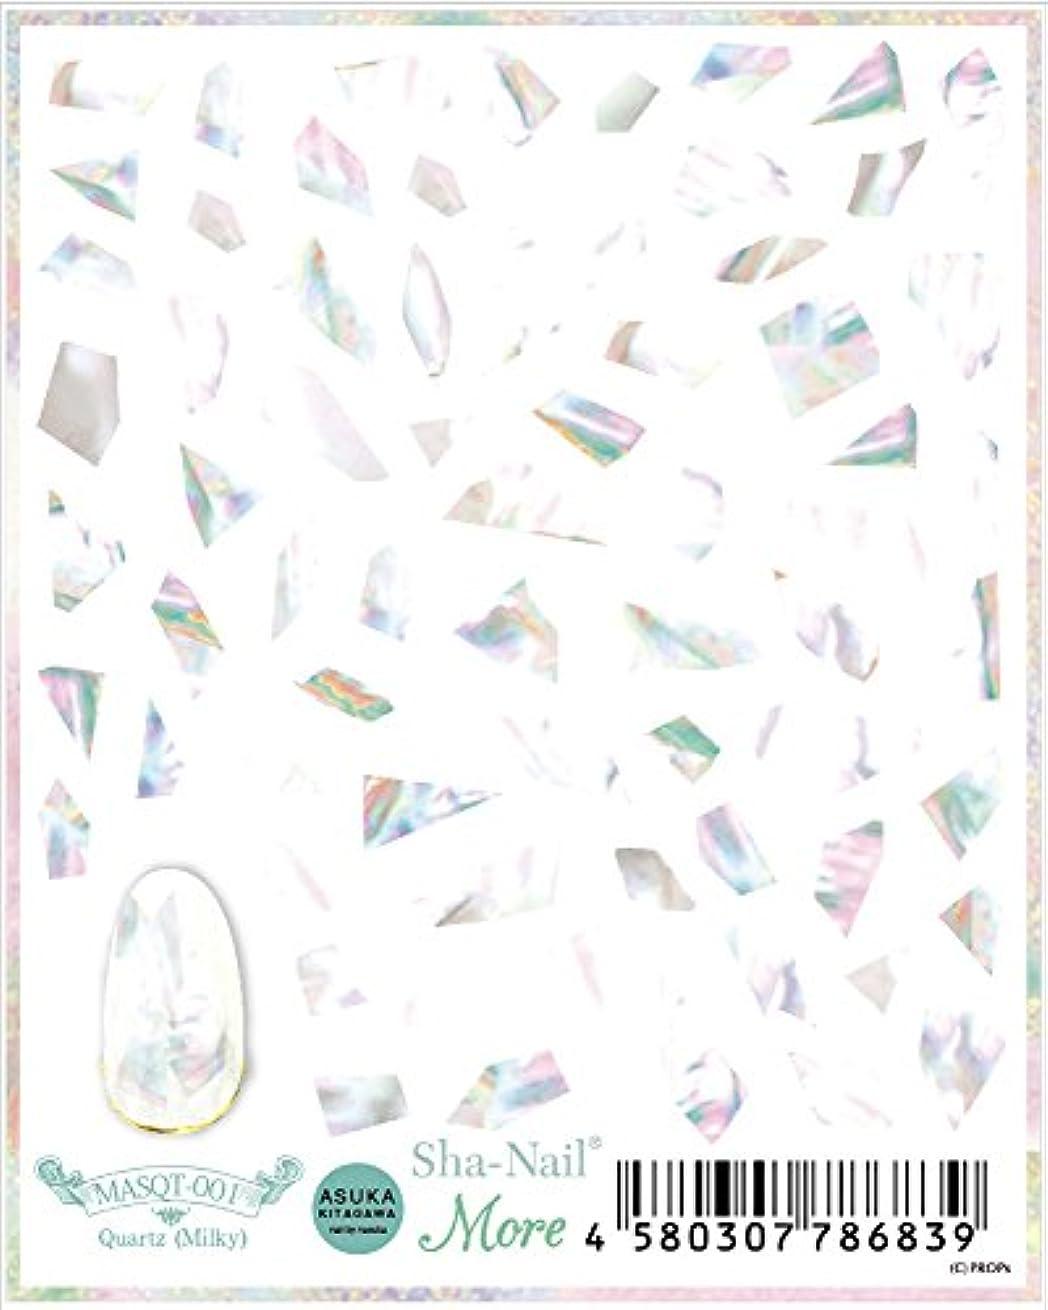 エミュレートする第四癒すSha-Nail More クォーツ(ミルキー)